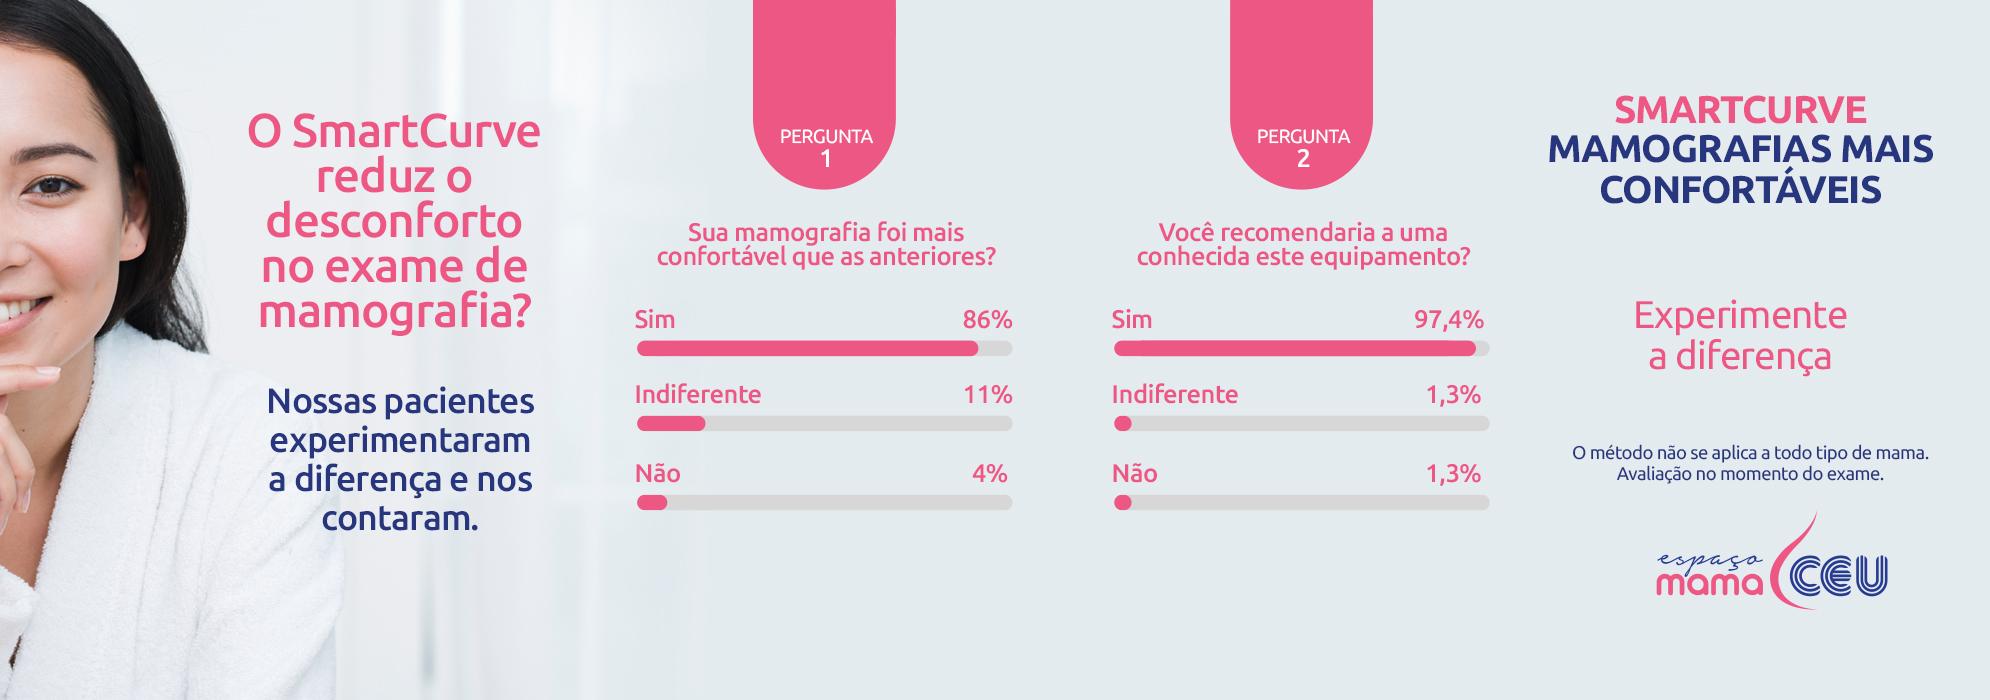 Pesquisa de satisfação sobre o mamógrafo SmartCurve - Clínica CEU